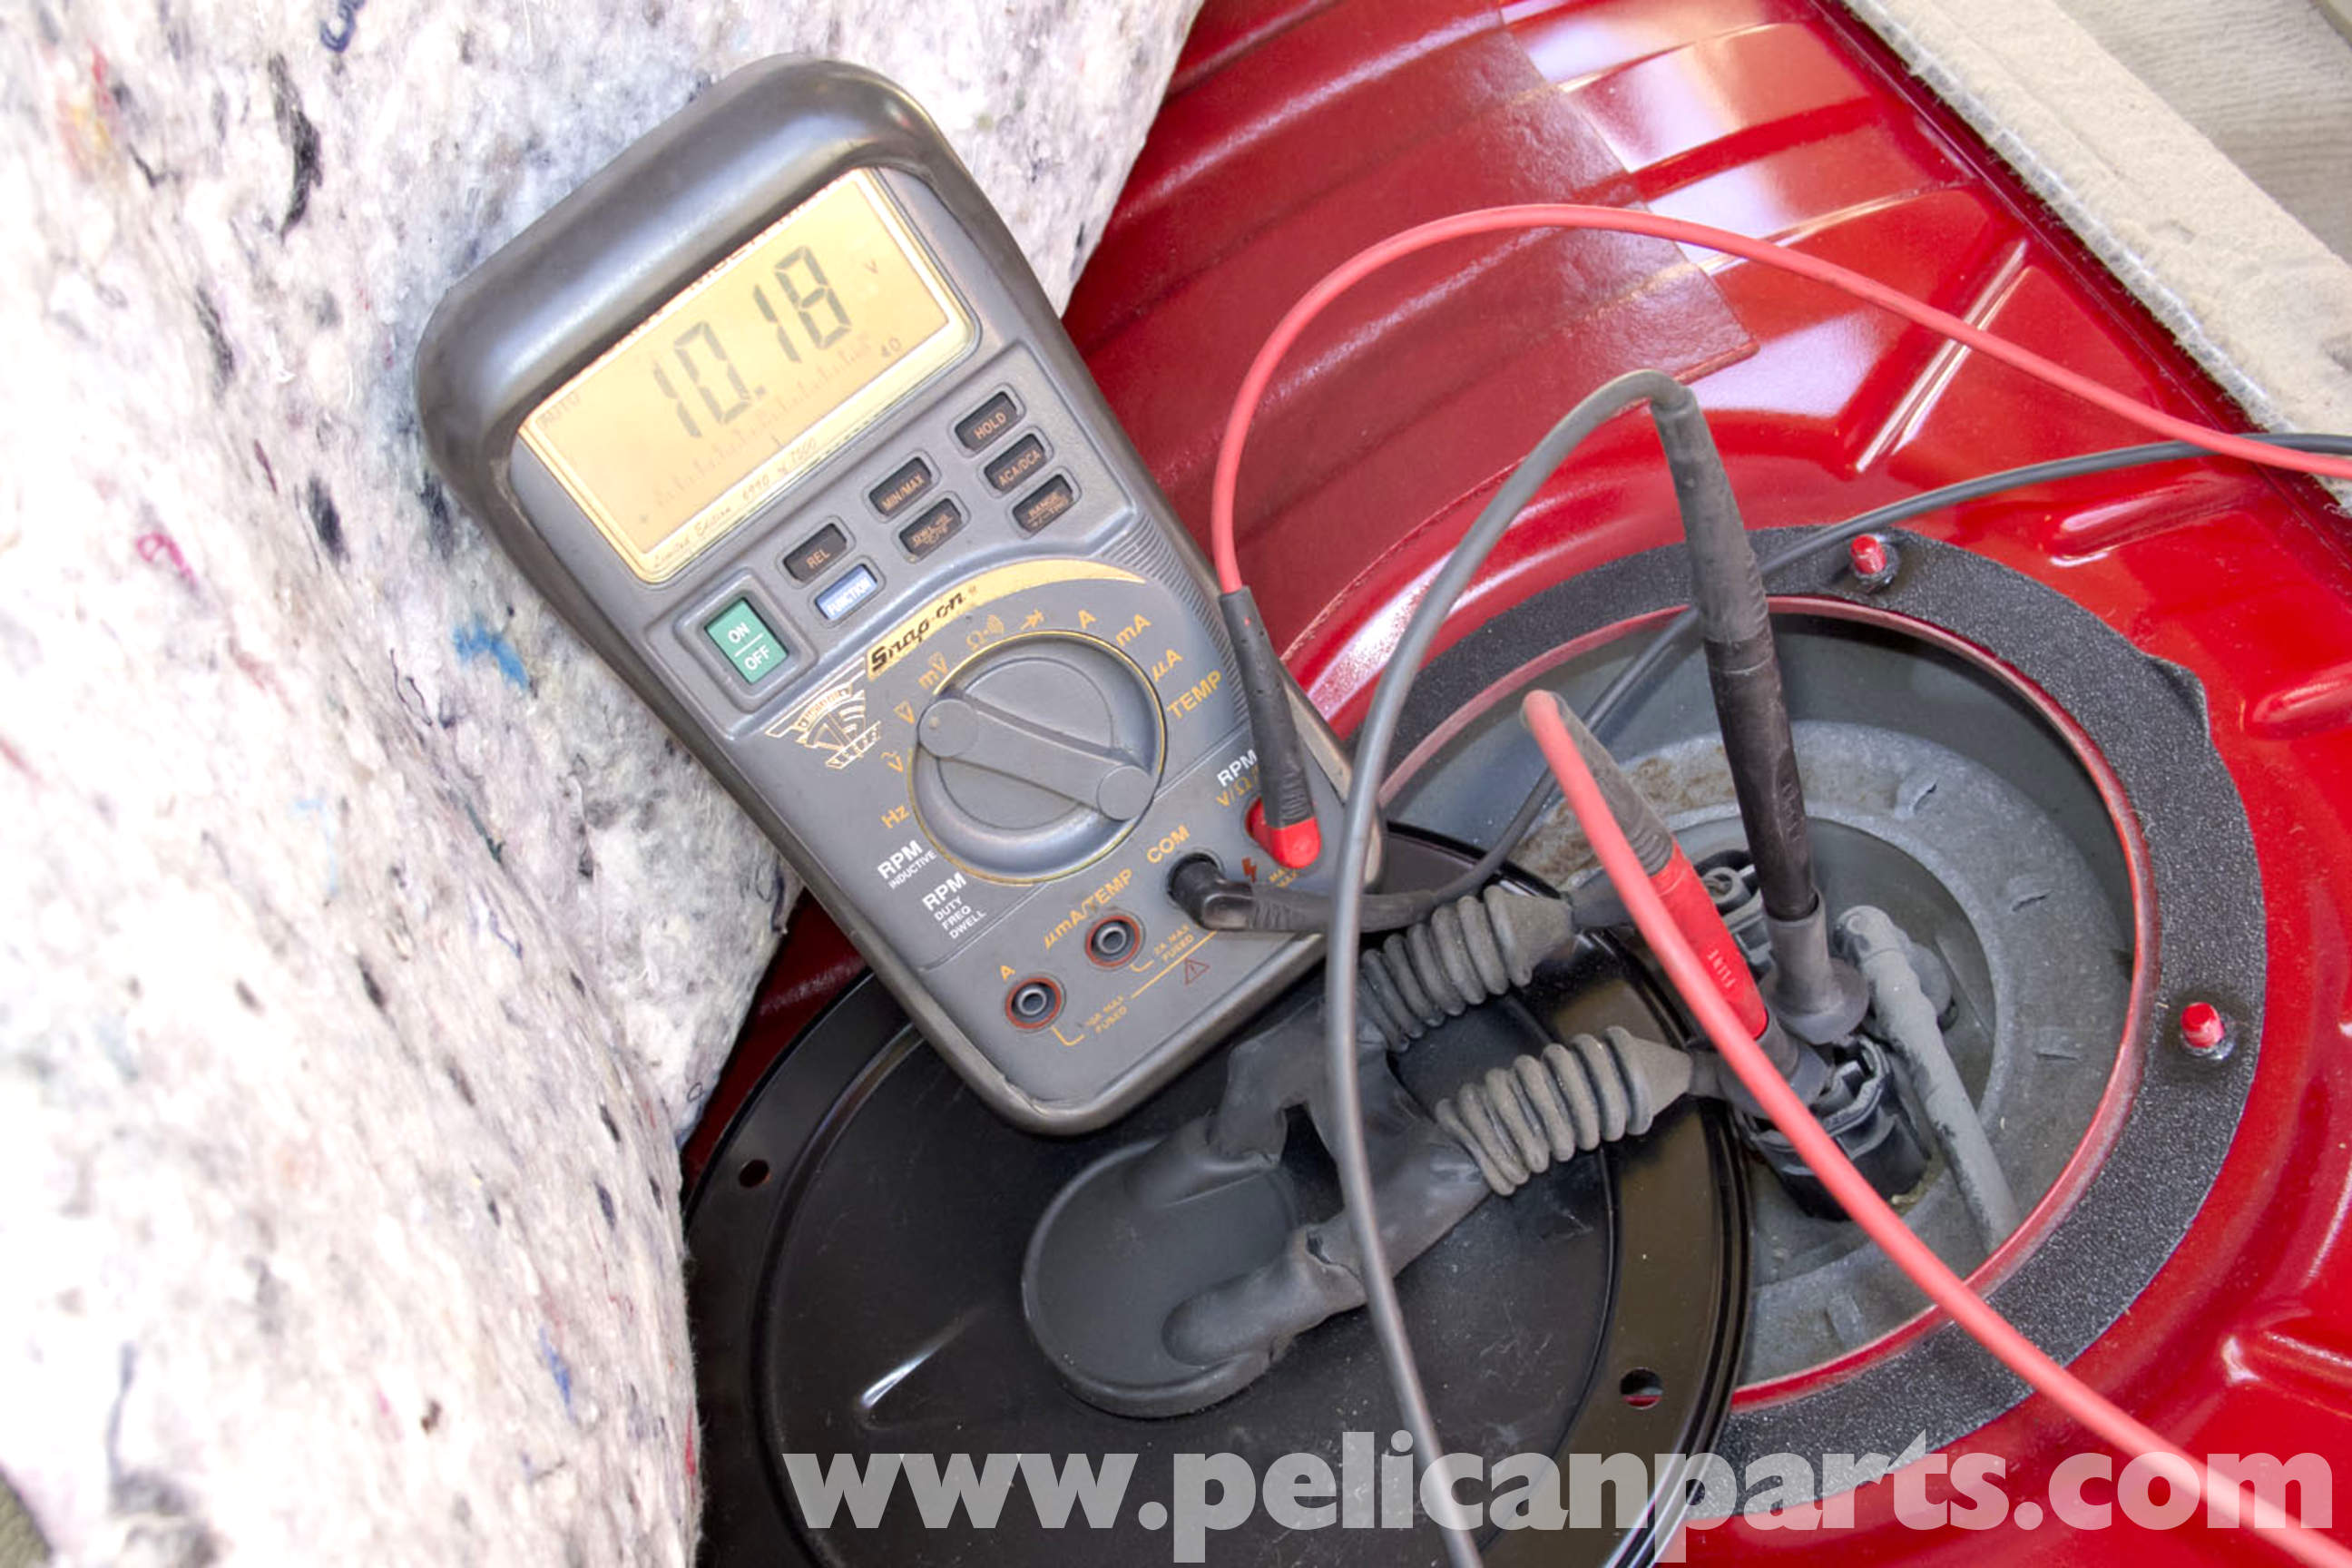 BMW E90 Fuel Pump Testing | E91, E92, E93 | Pelican Parts DIY